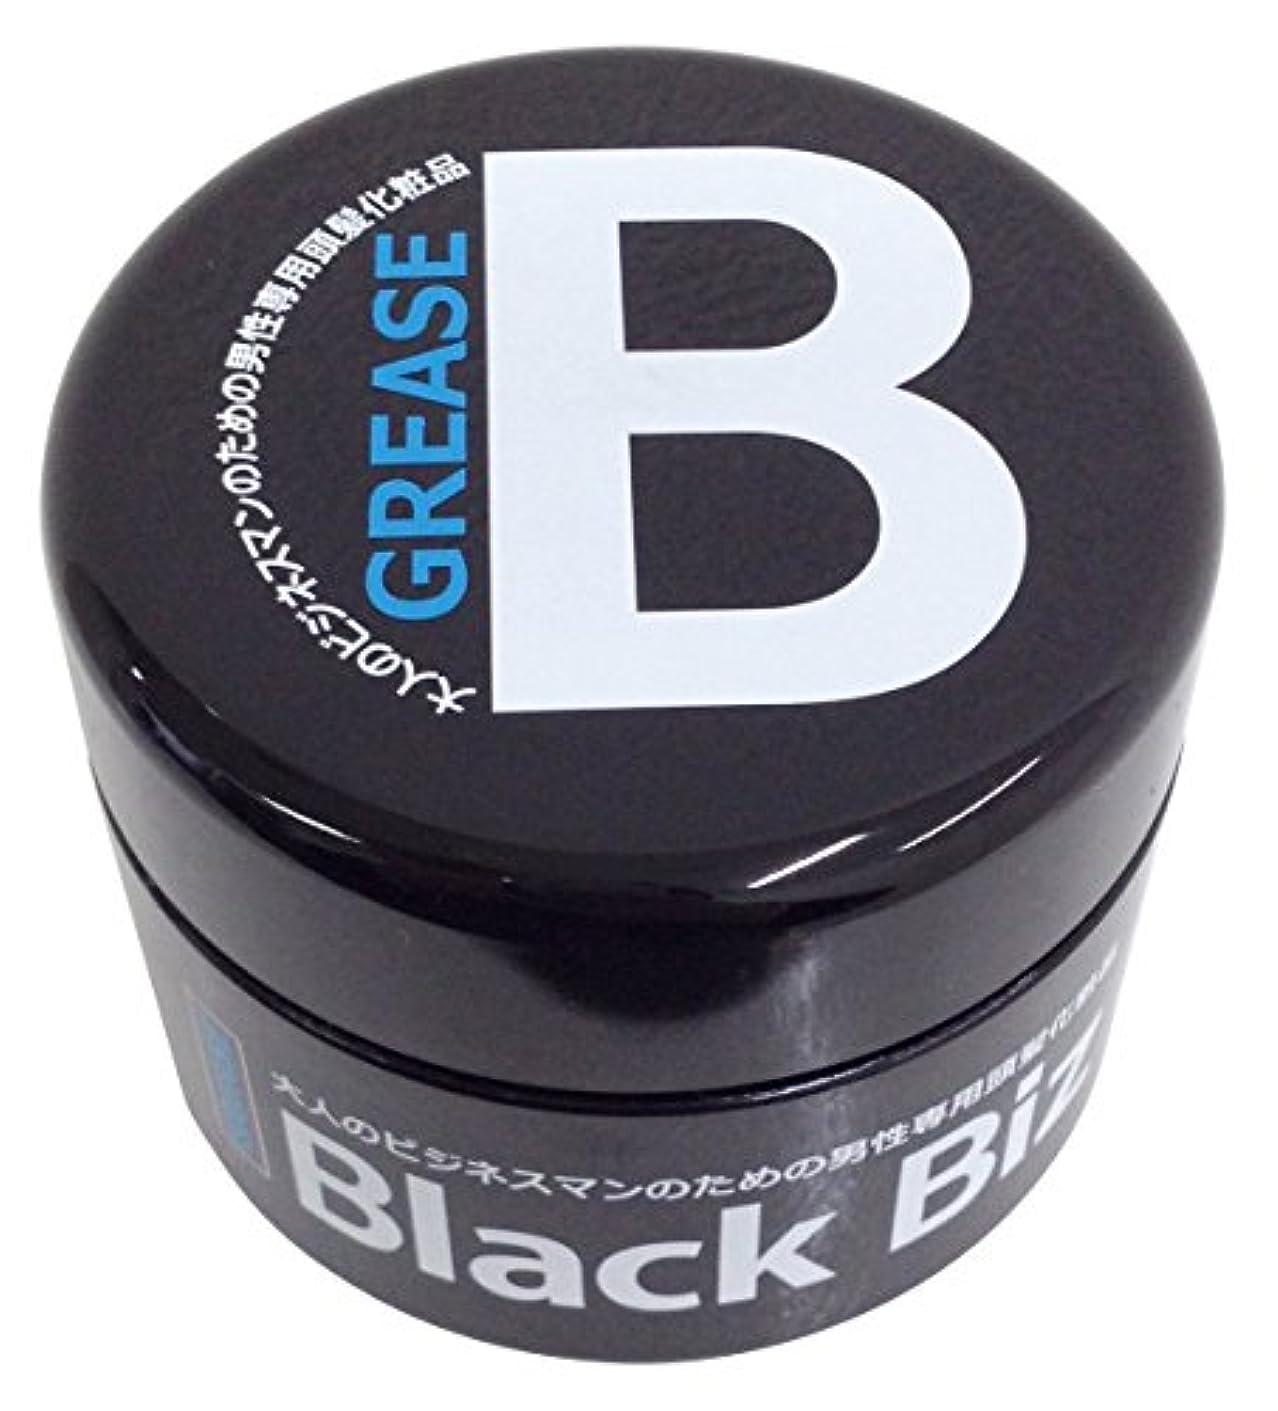 診療所チューインガム正確な大人のビジネスマンのための男性専用頭髪化粧品 BlackBiz GREASE SOFT ブラックビズ グリース ソフト